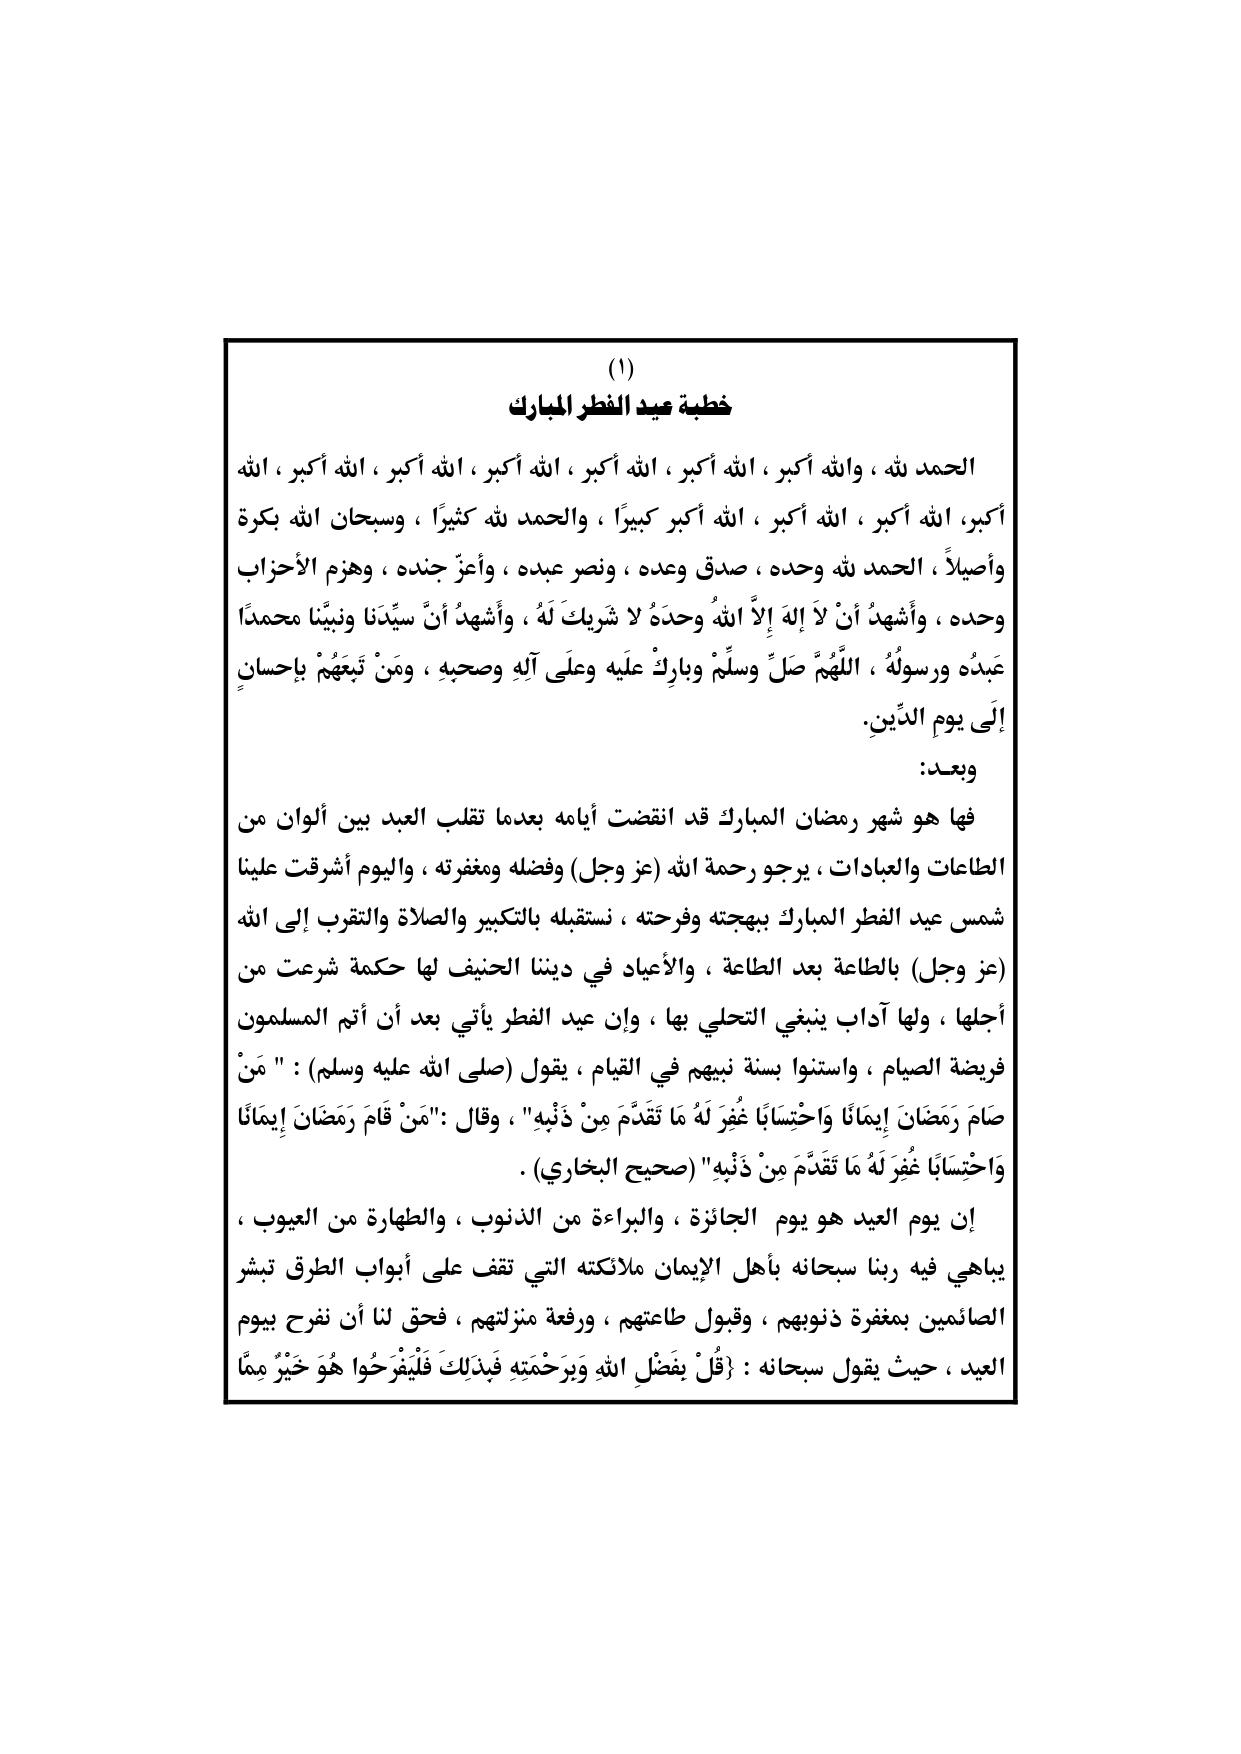 خطبة عيد الفطر 2021 مكتوبة من وزارة الأوقاف اليوم الخميس أول أيام عيد الفطر المبارك 1442